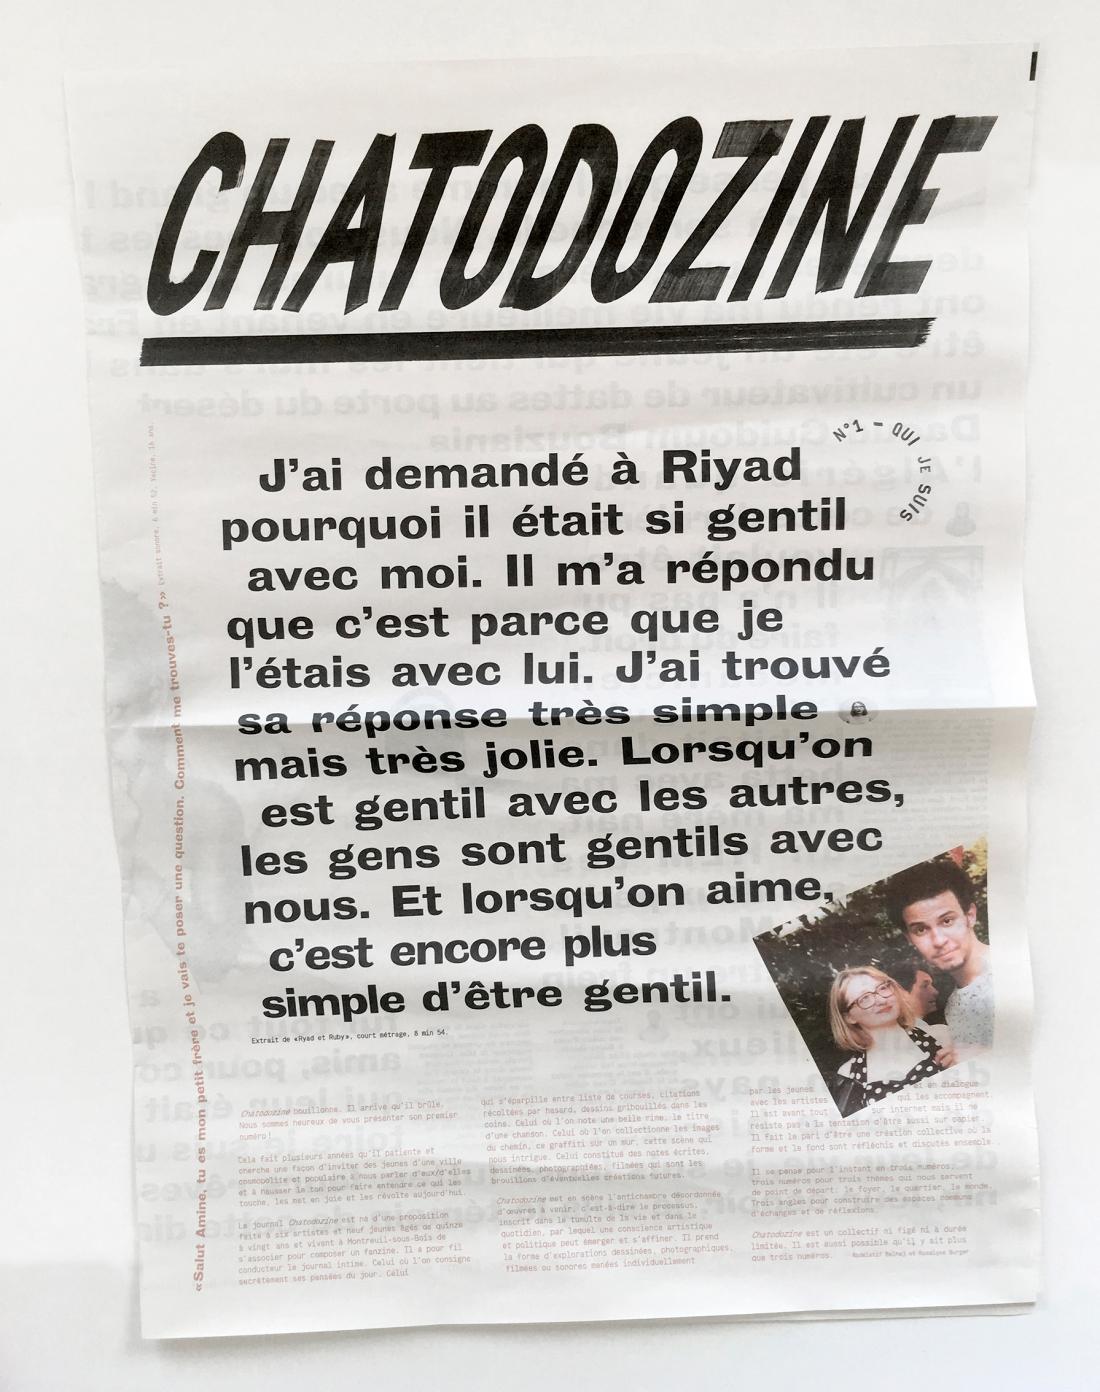 chatodozine_2